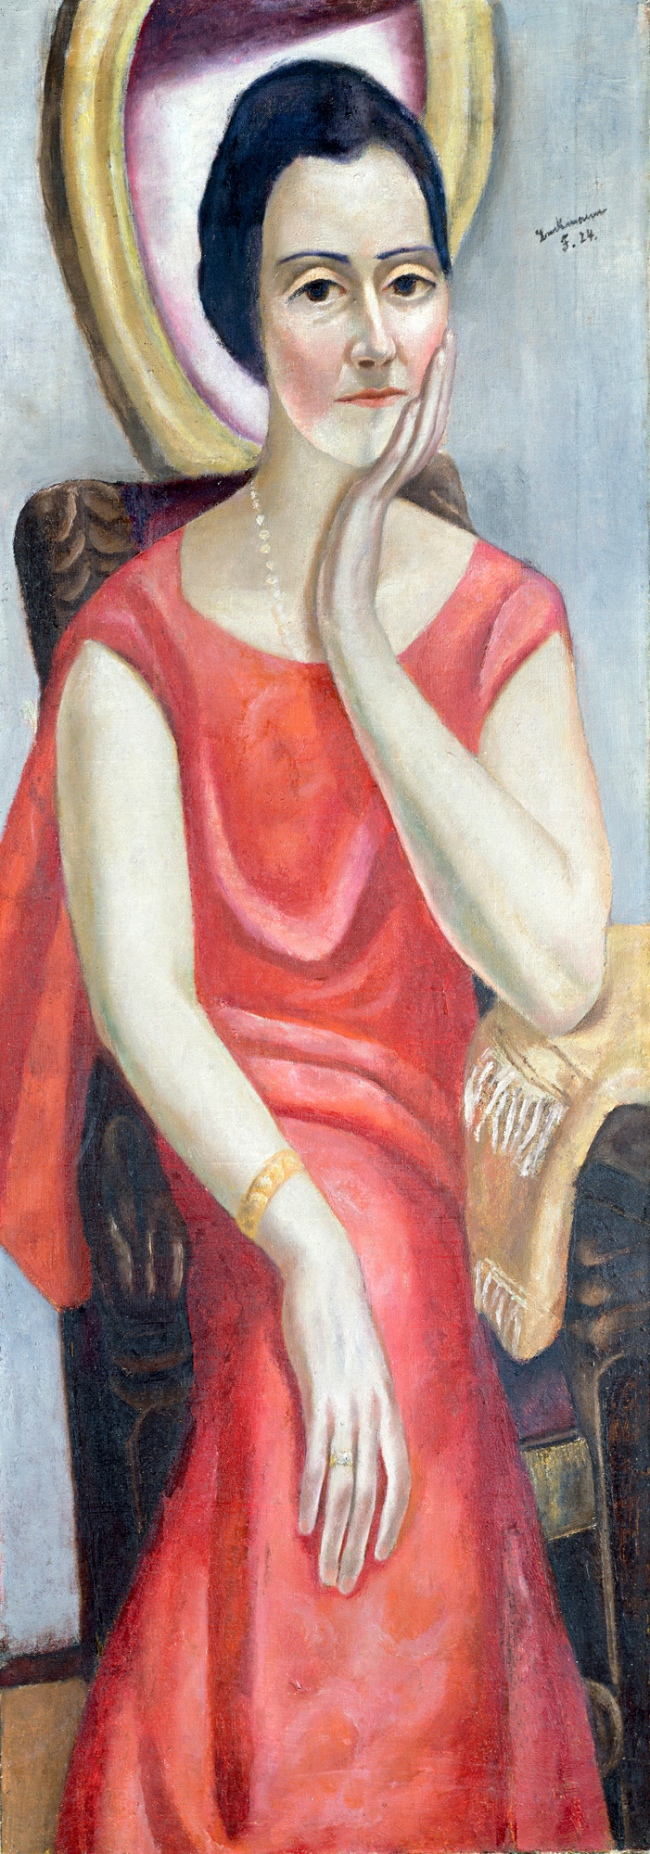 Max Beckmann. 'Portrait of Käthe von Porada' 1924